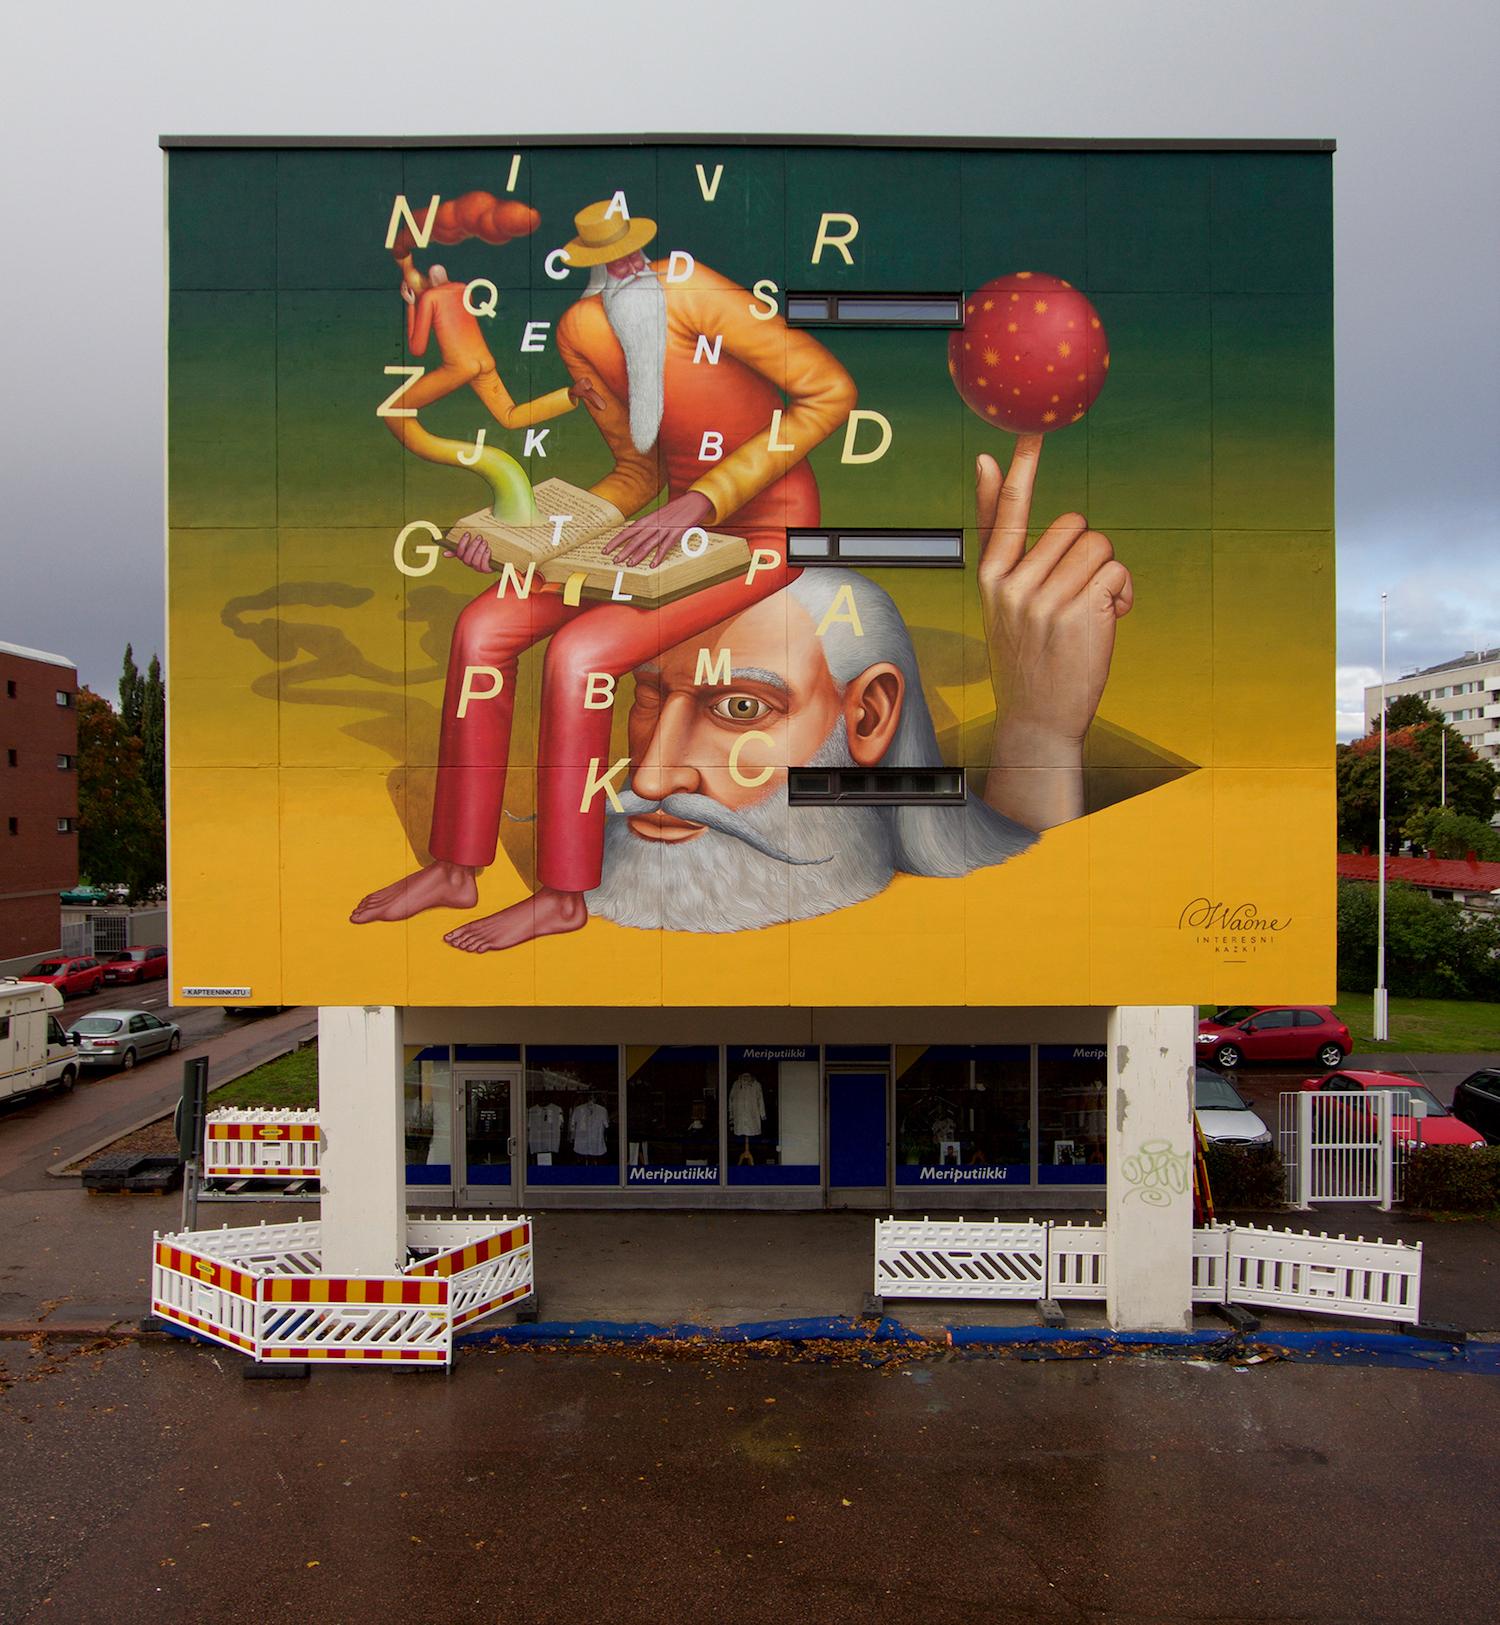 This art is too smart la personale di Waone a Roma | Collater.al